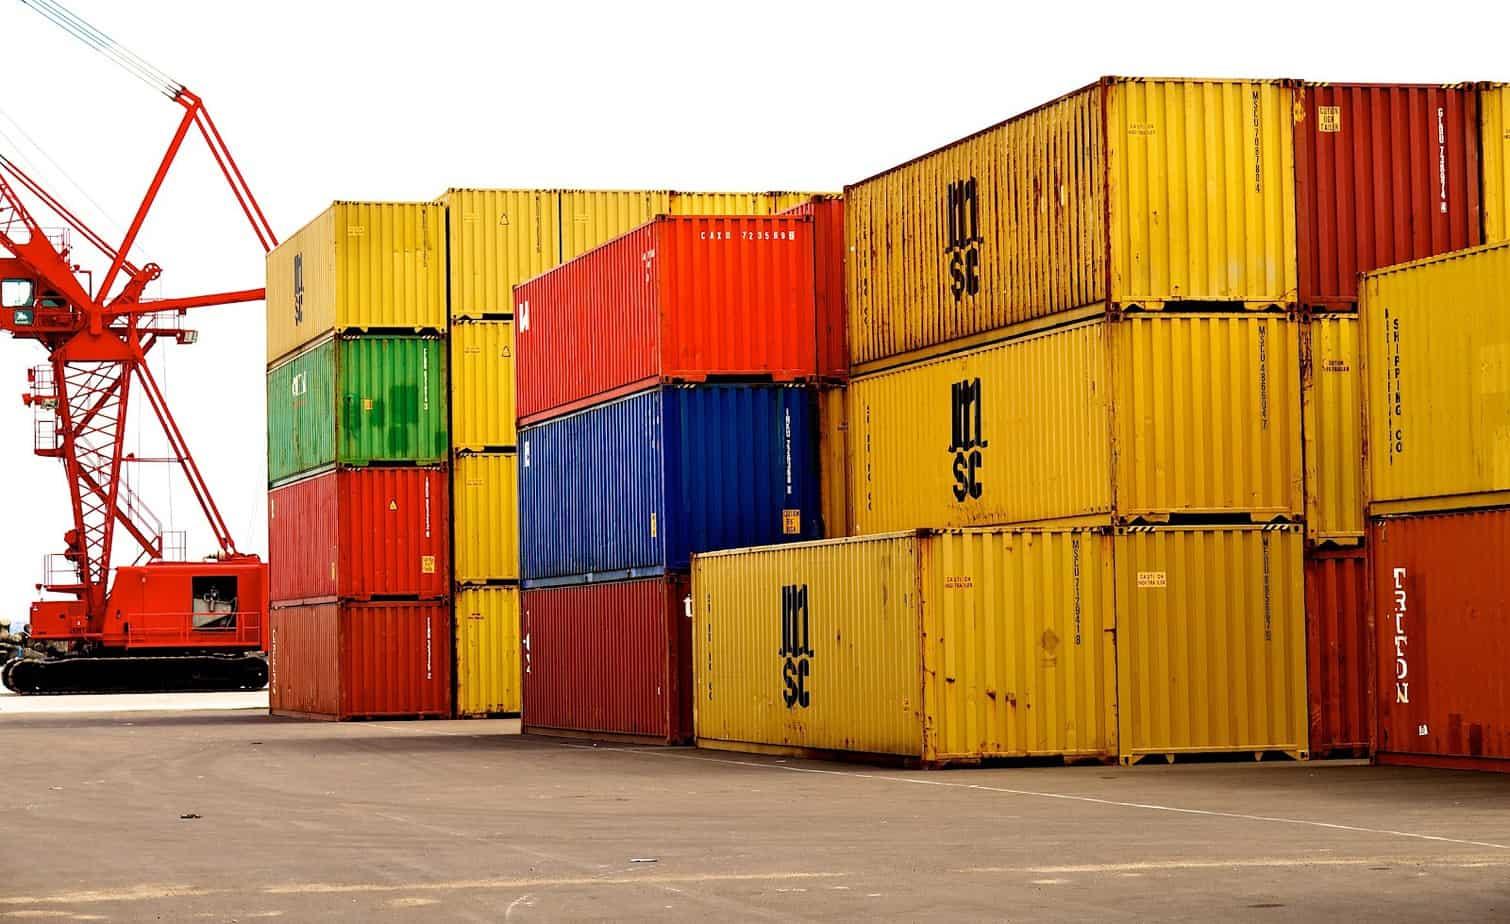 thu tuc hai quan doi voi container rong